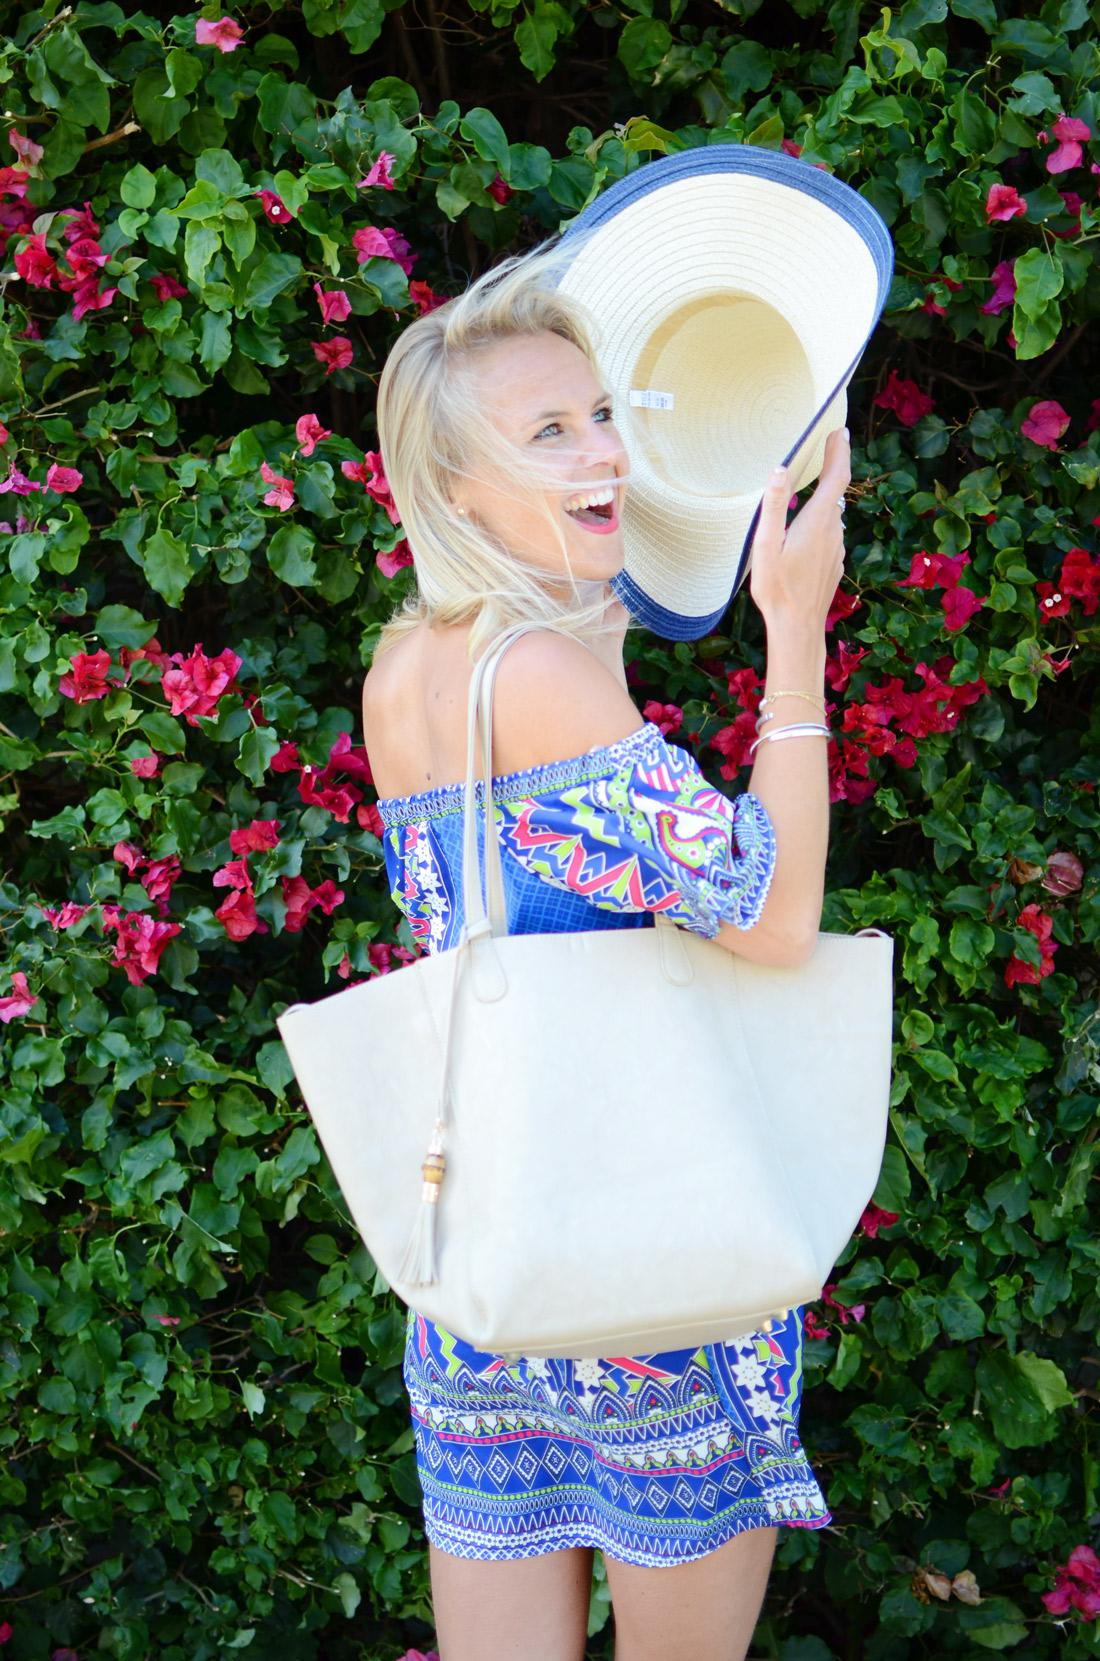 bag-at-you-fashion-blog-travel-look